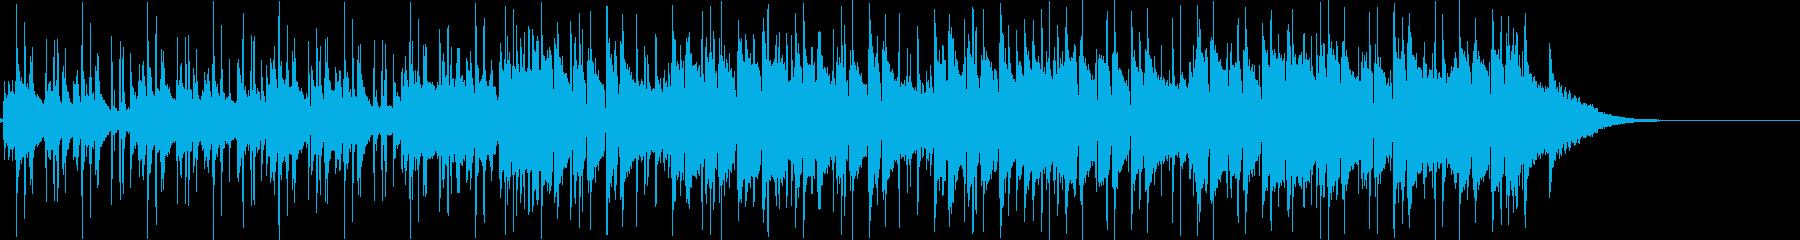 Pf「小田原」和風現代ジャズの再生済みの波形